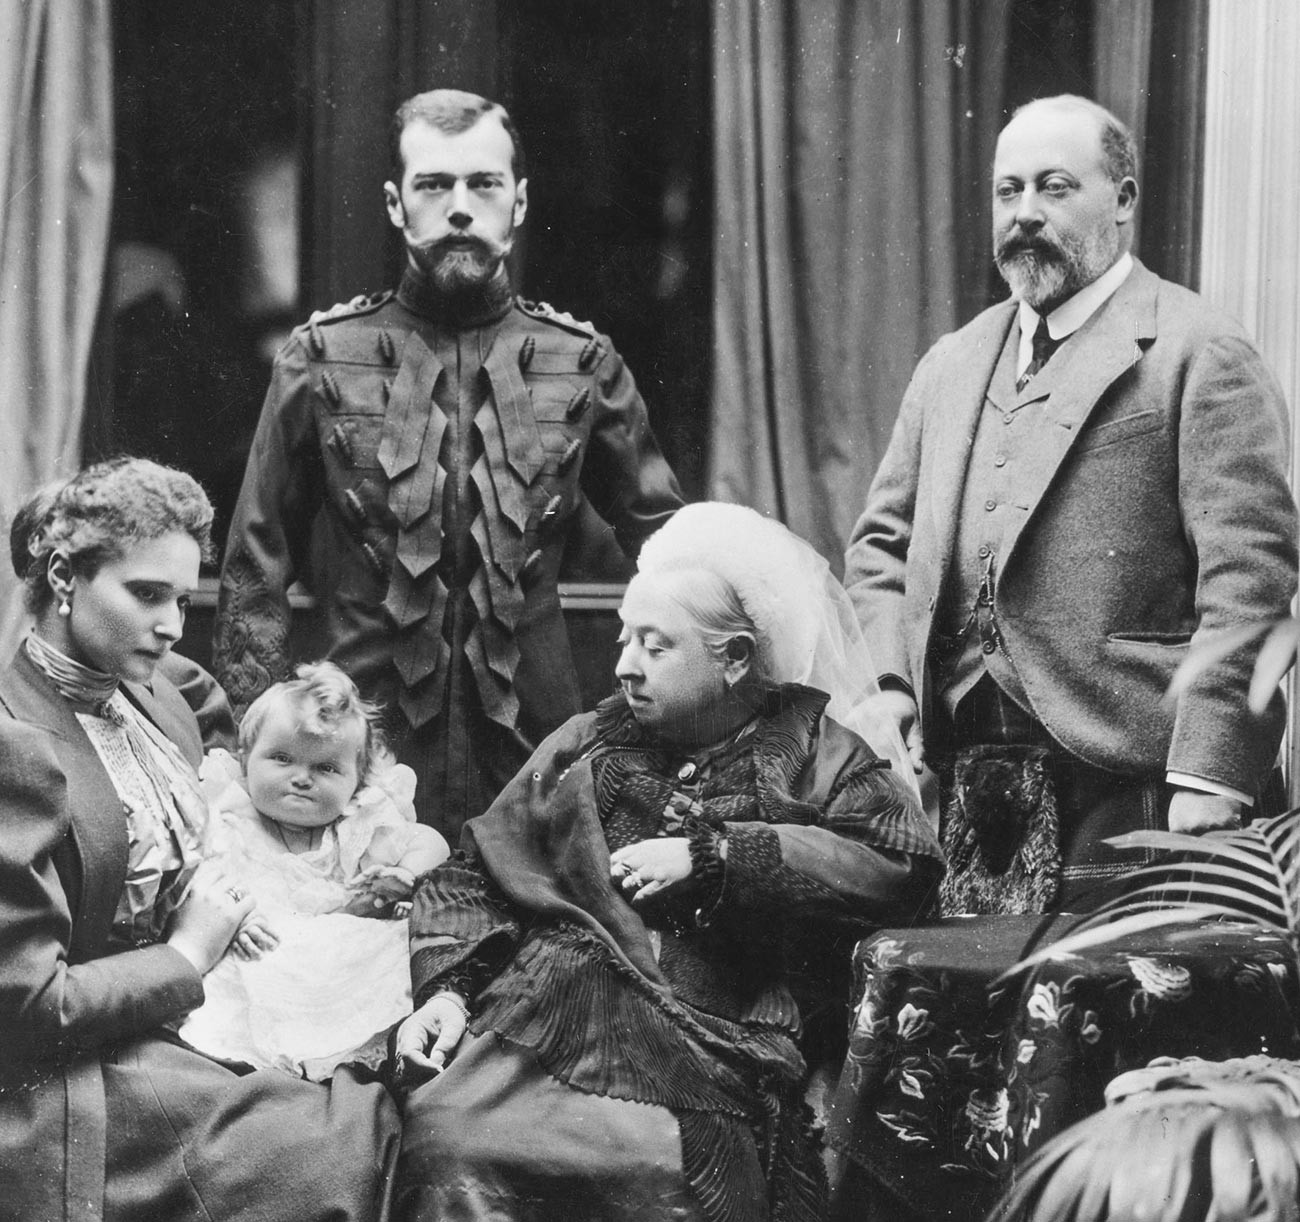 Kraljica Viktorija s sinom Edvardom VII., ruskim carjem Nikolajem II. in njegovo soprogo Aleksandro s hčerko Olgo